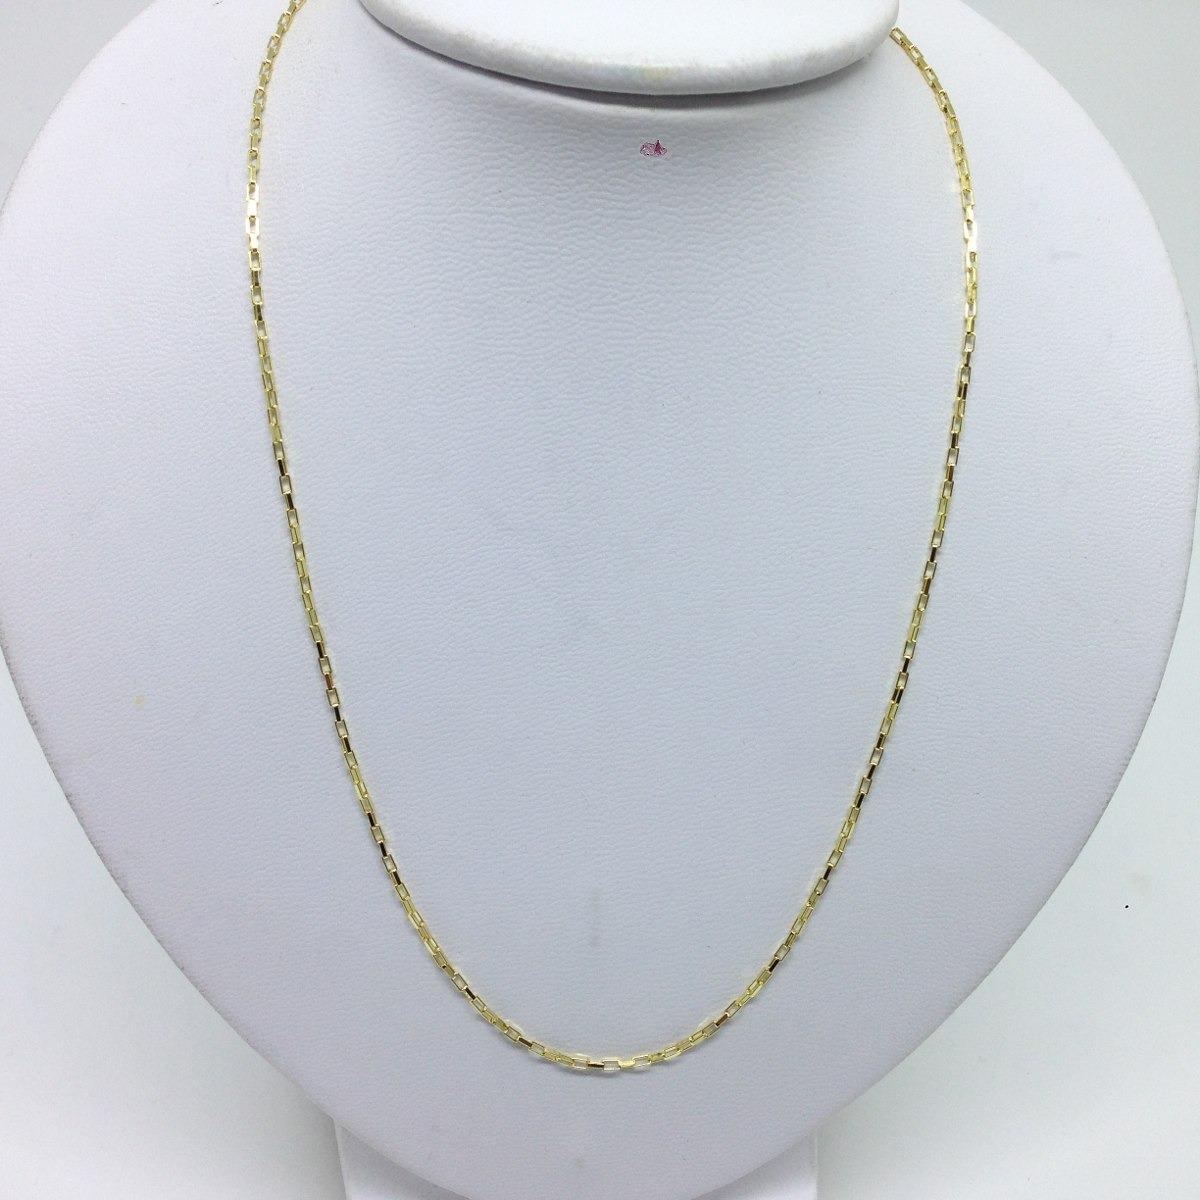 ad366d6f52e cordão veneziana longa cartier cadeado folheado a ouro 60cm. Carregando zoom .